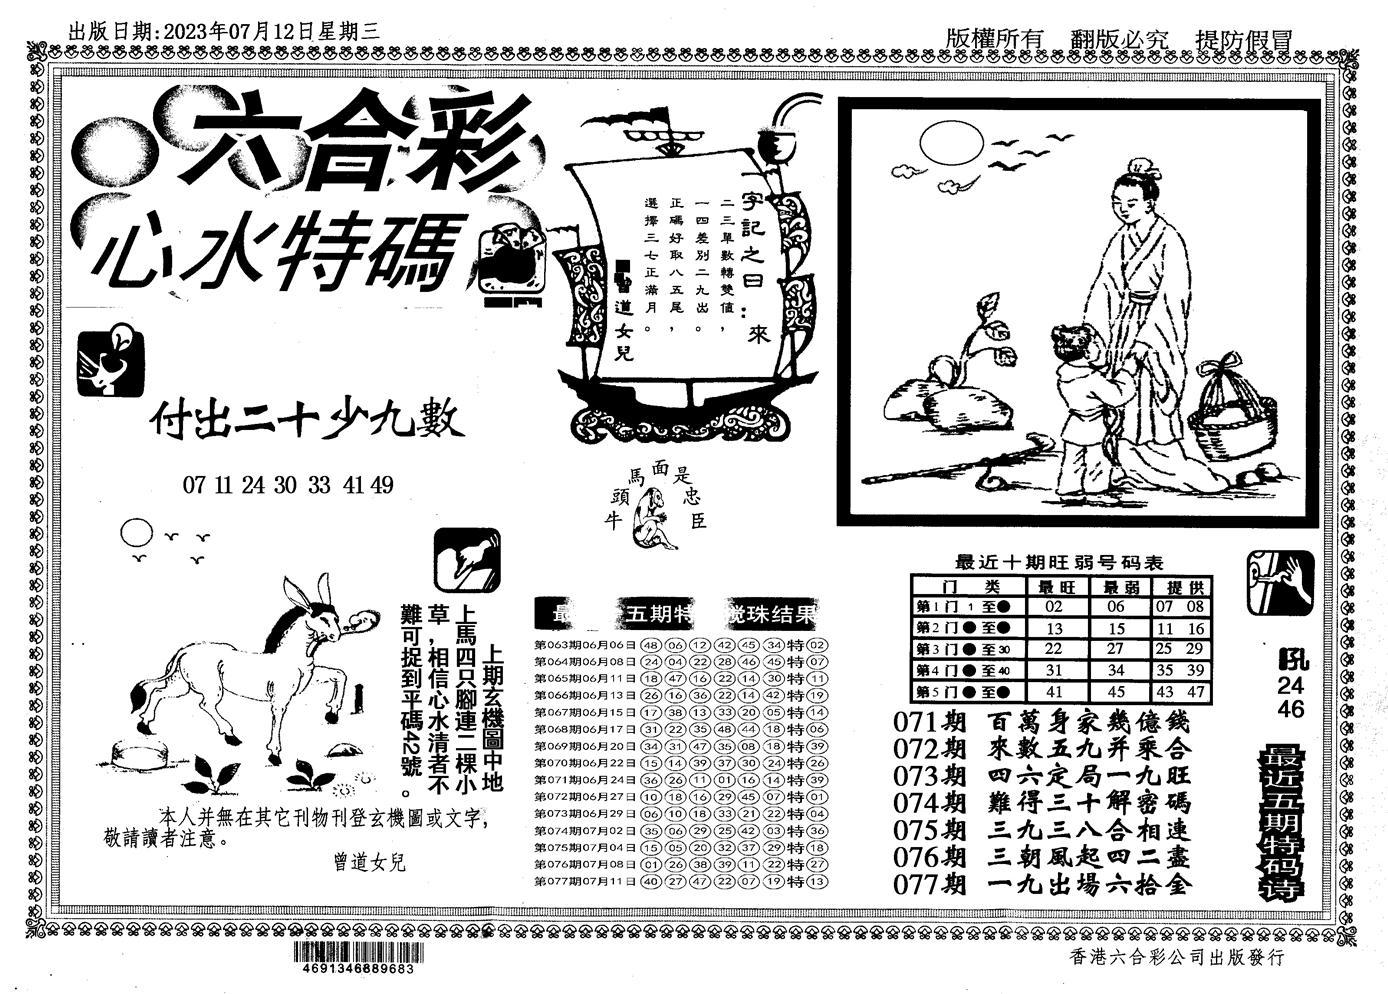 078期新特码心水(黑白)